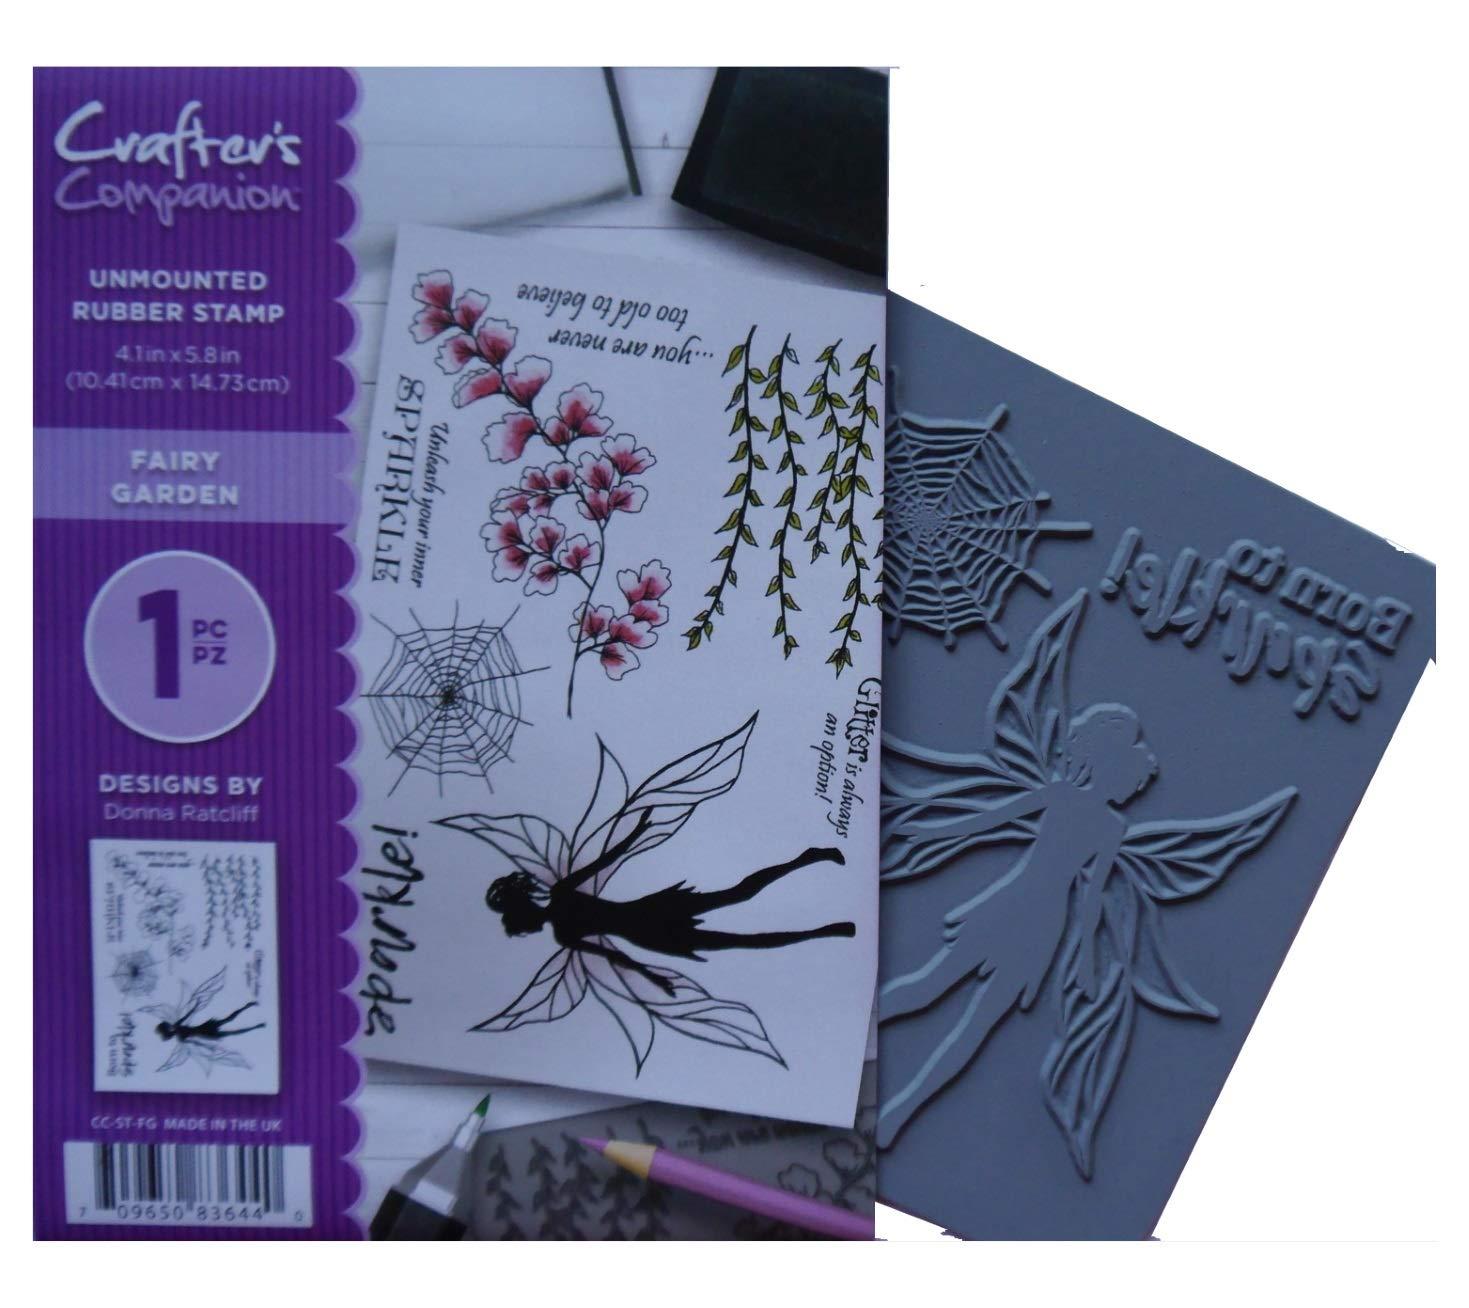 Crafter's Companion Rubber Stamps Fairy Garden Sparkle (unmounted) B07JR8BGFW B07JR8BGFW B07JR8BGFW | Hohe Qualität und günstig  d41cf7